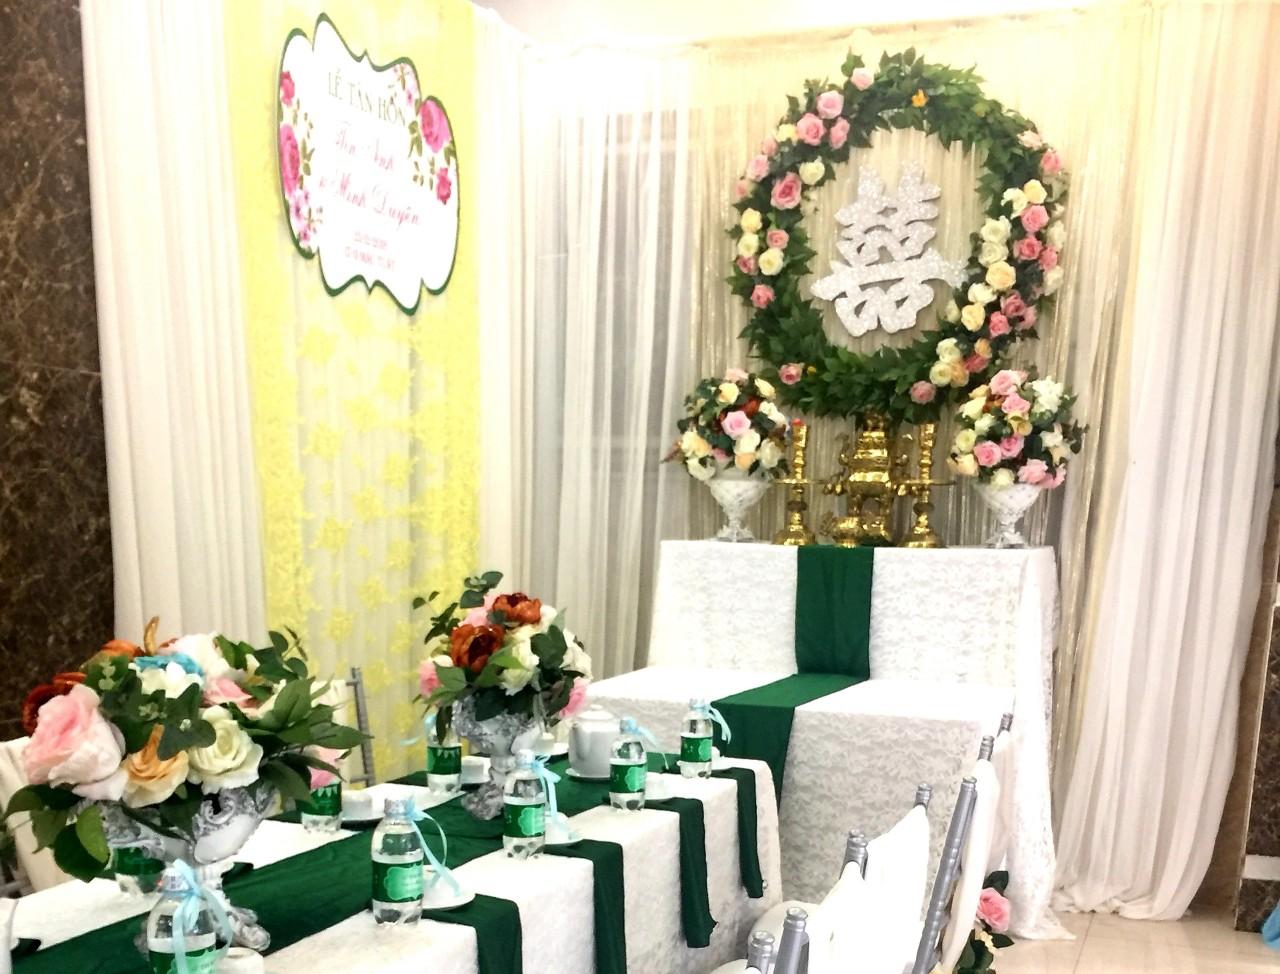 Dịch vụ cưới hỏi 24h trọn vẹn ngày vui chuyên trang trí nhà đám cưới hỏi và nhà hàng tiệc cưới | Trang trí nhà cưới hỏi tông hồng hồng lãng mạn với bàn thờ hoa giấy và hoa tươi rồng phụng (2)